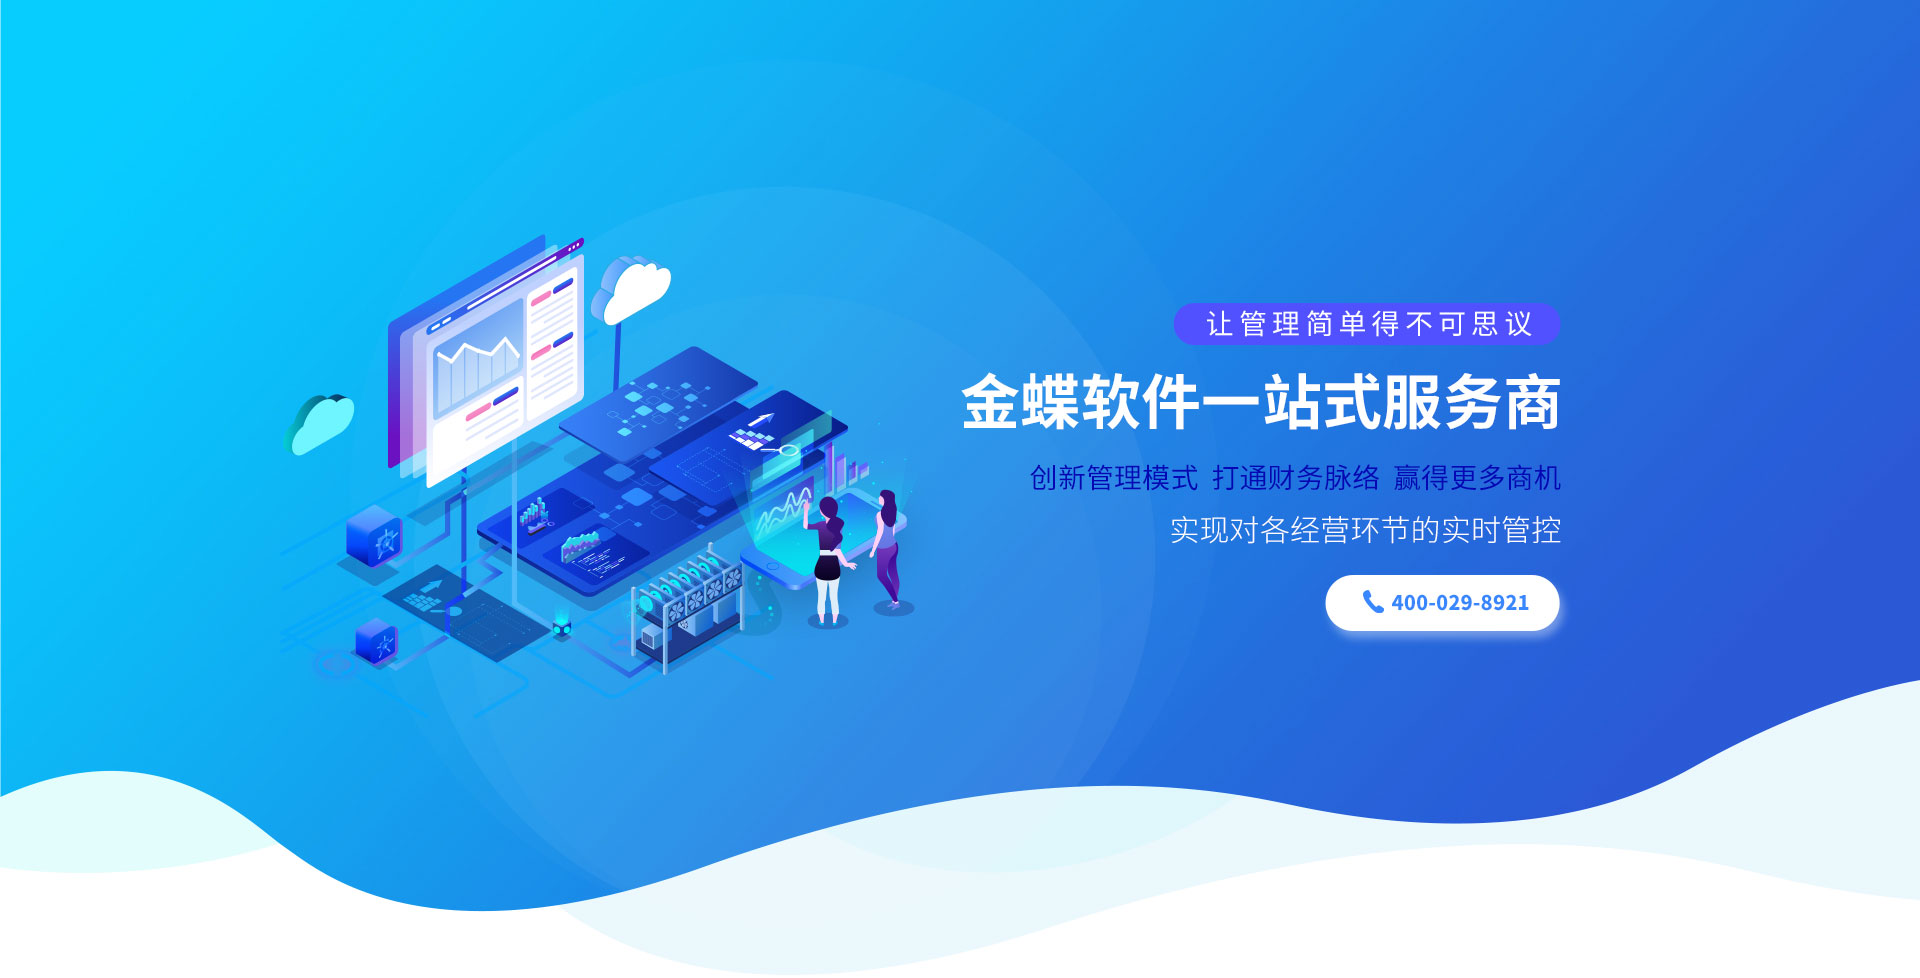 江苏税务软件